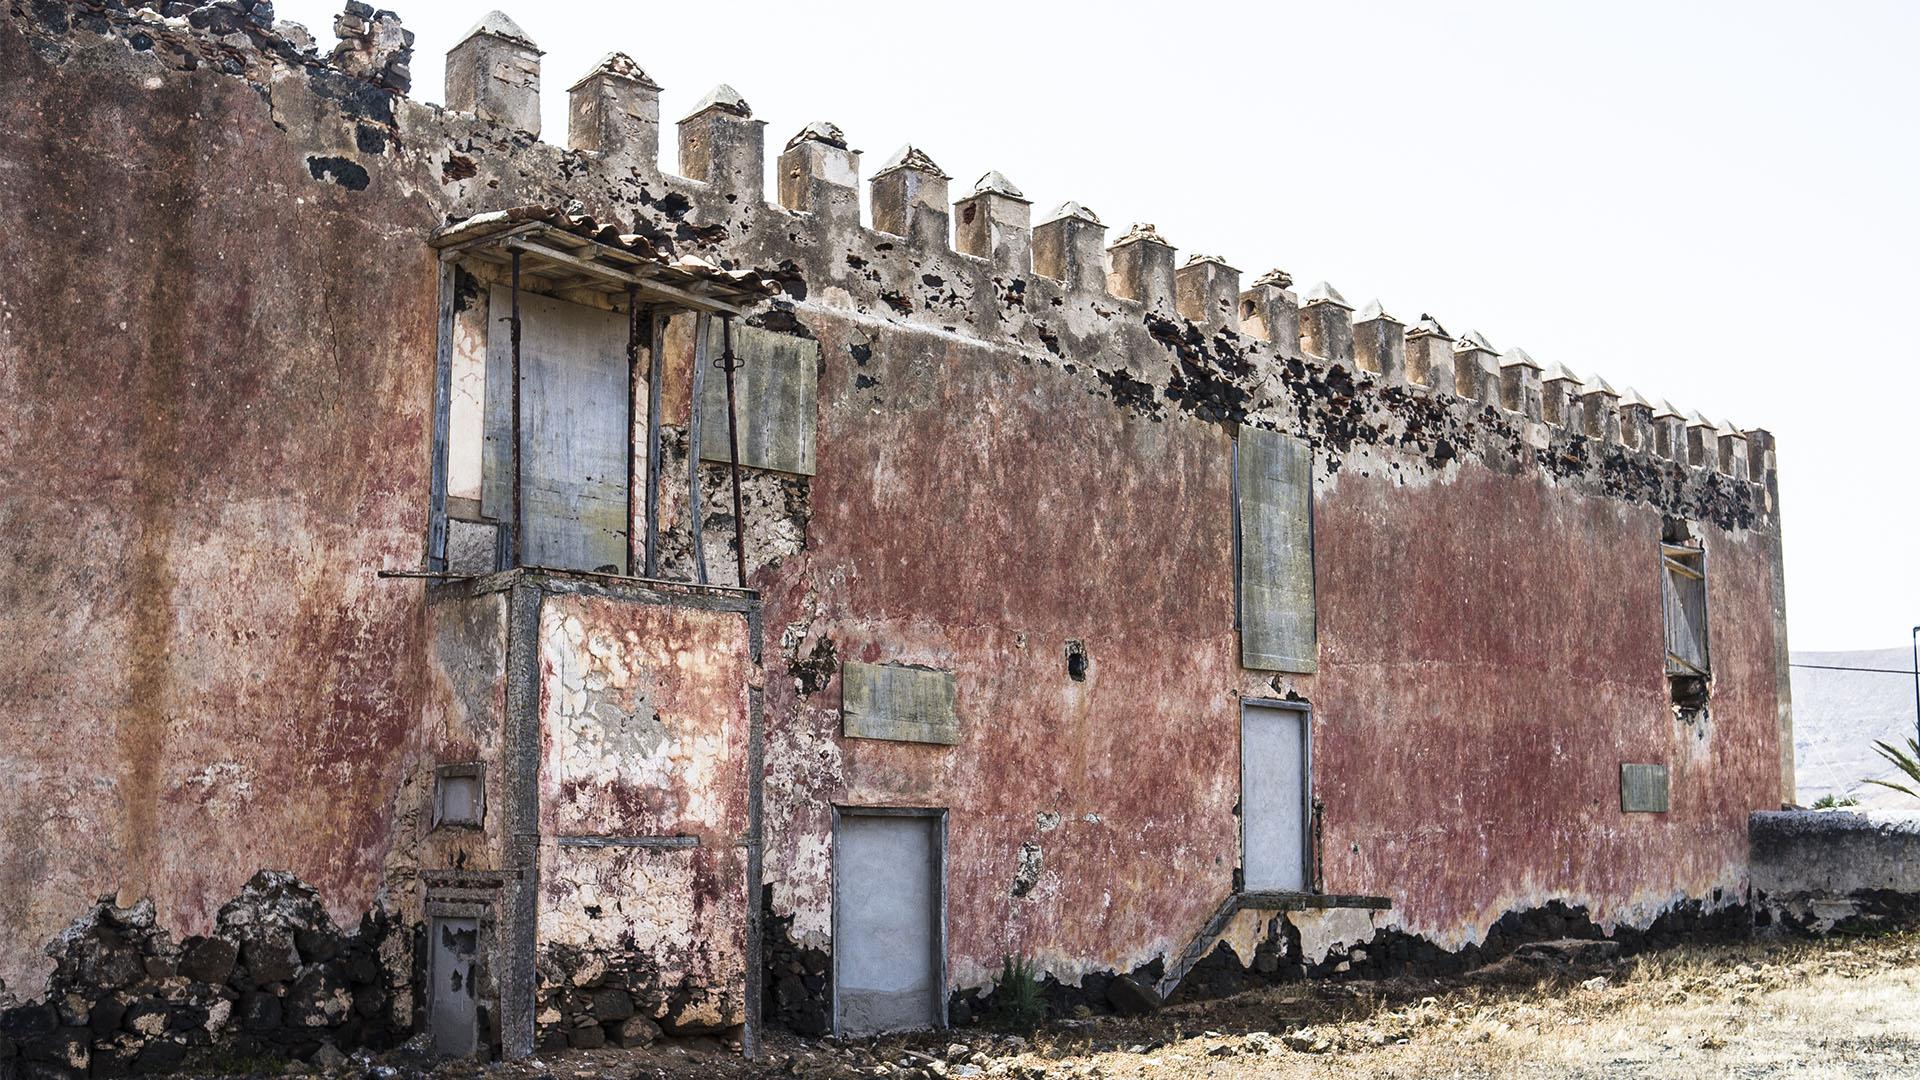 Der Ort La Oliva Fuerteventura: Die Casa del Inglés aus dem 18. Jhd.